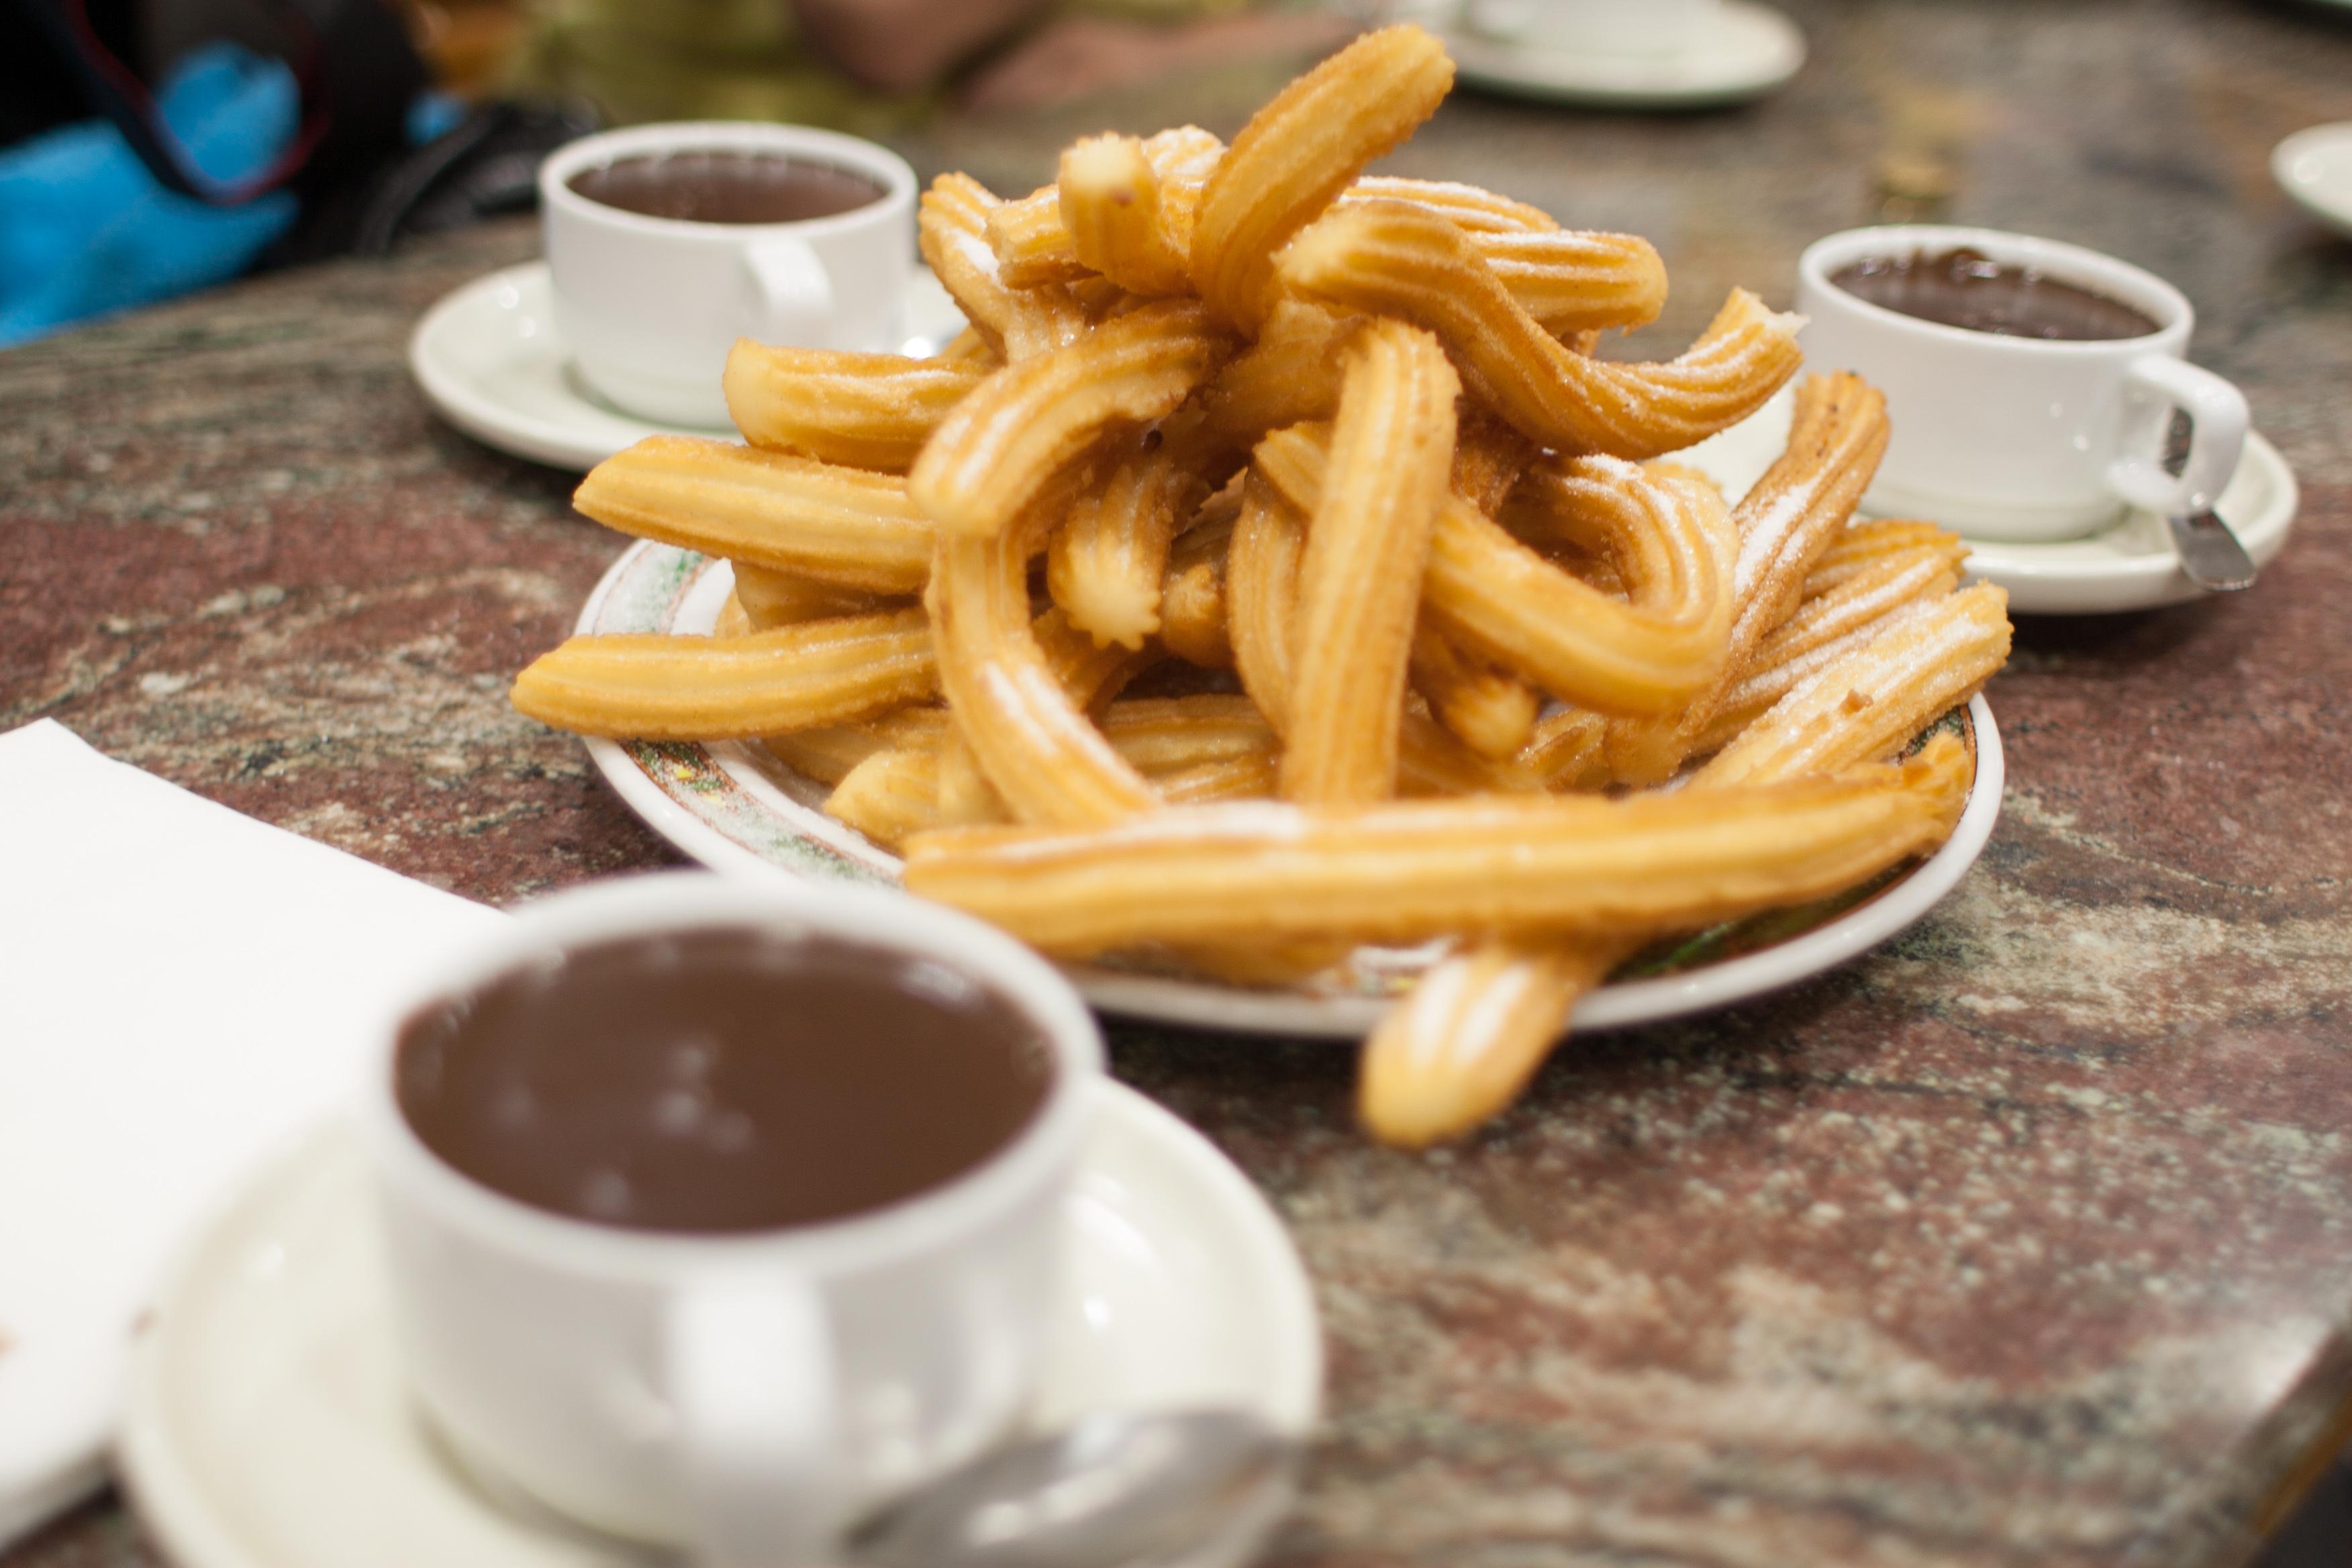 Recette Churros De Fete Foraine idées de recettes à base de churros